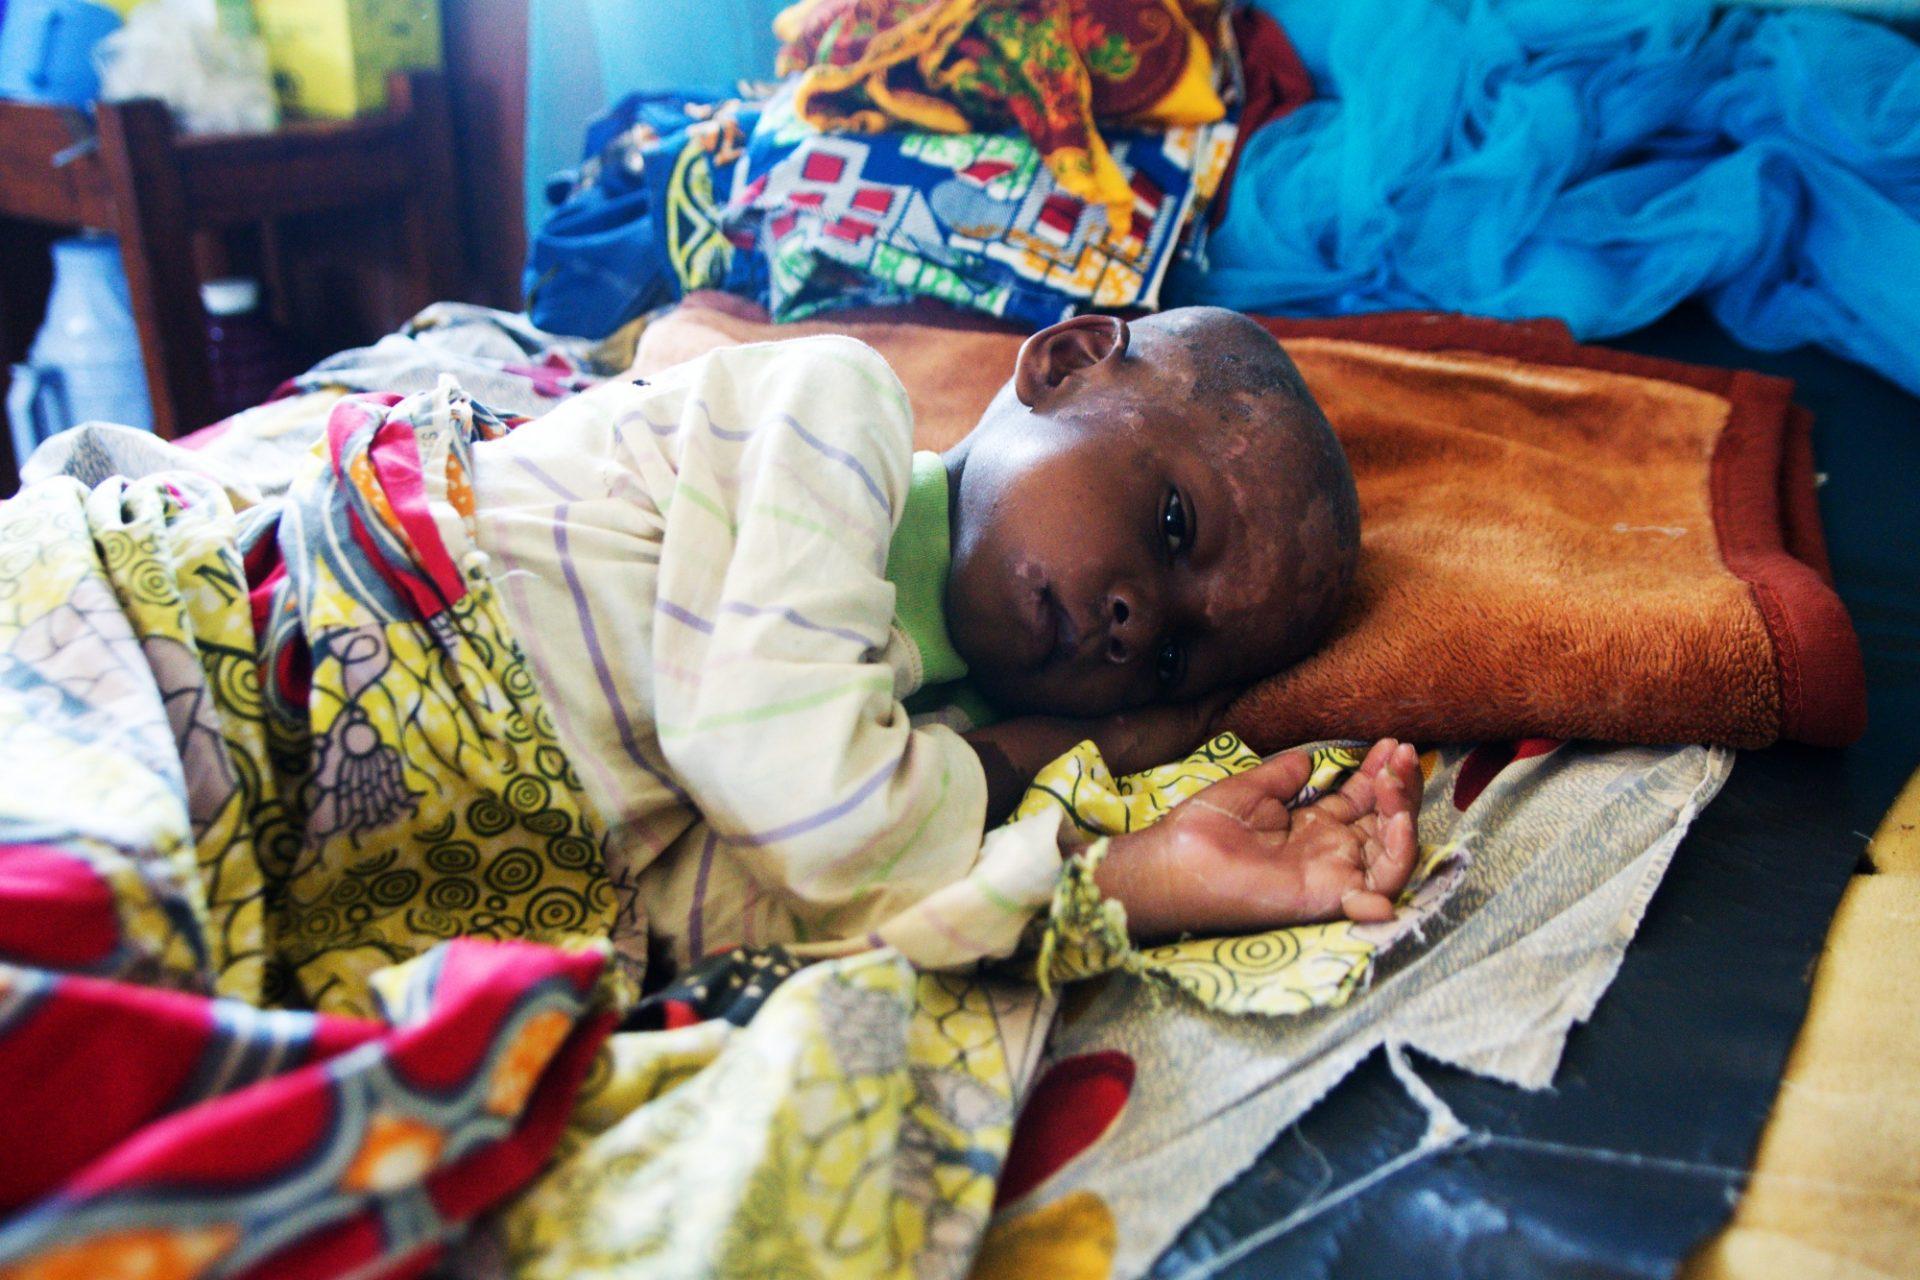 Maminky v DR Kongo se učí je, jaká je správná skladba jídelníčku pro batolata od 6 do 23 měsíců, aby dostaly všechny potřebné látky pro přirozený růst a mentální vývoj. Foto: Jan Mrkvička, ČvT